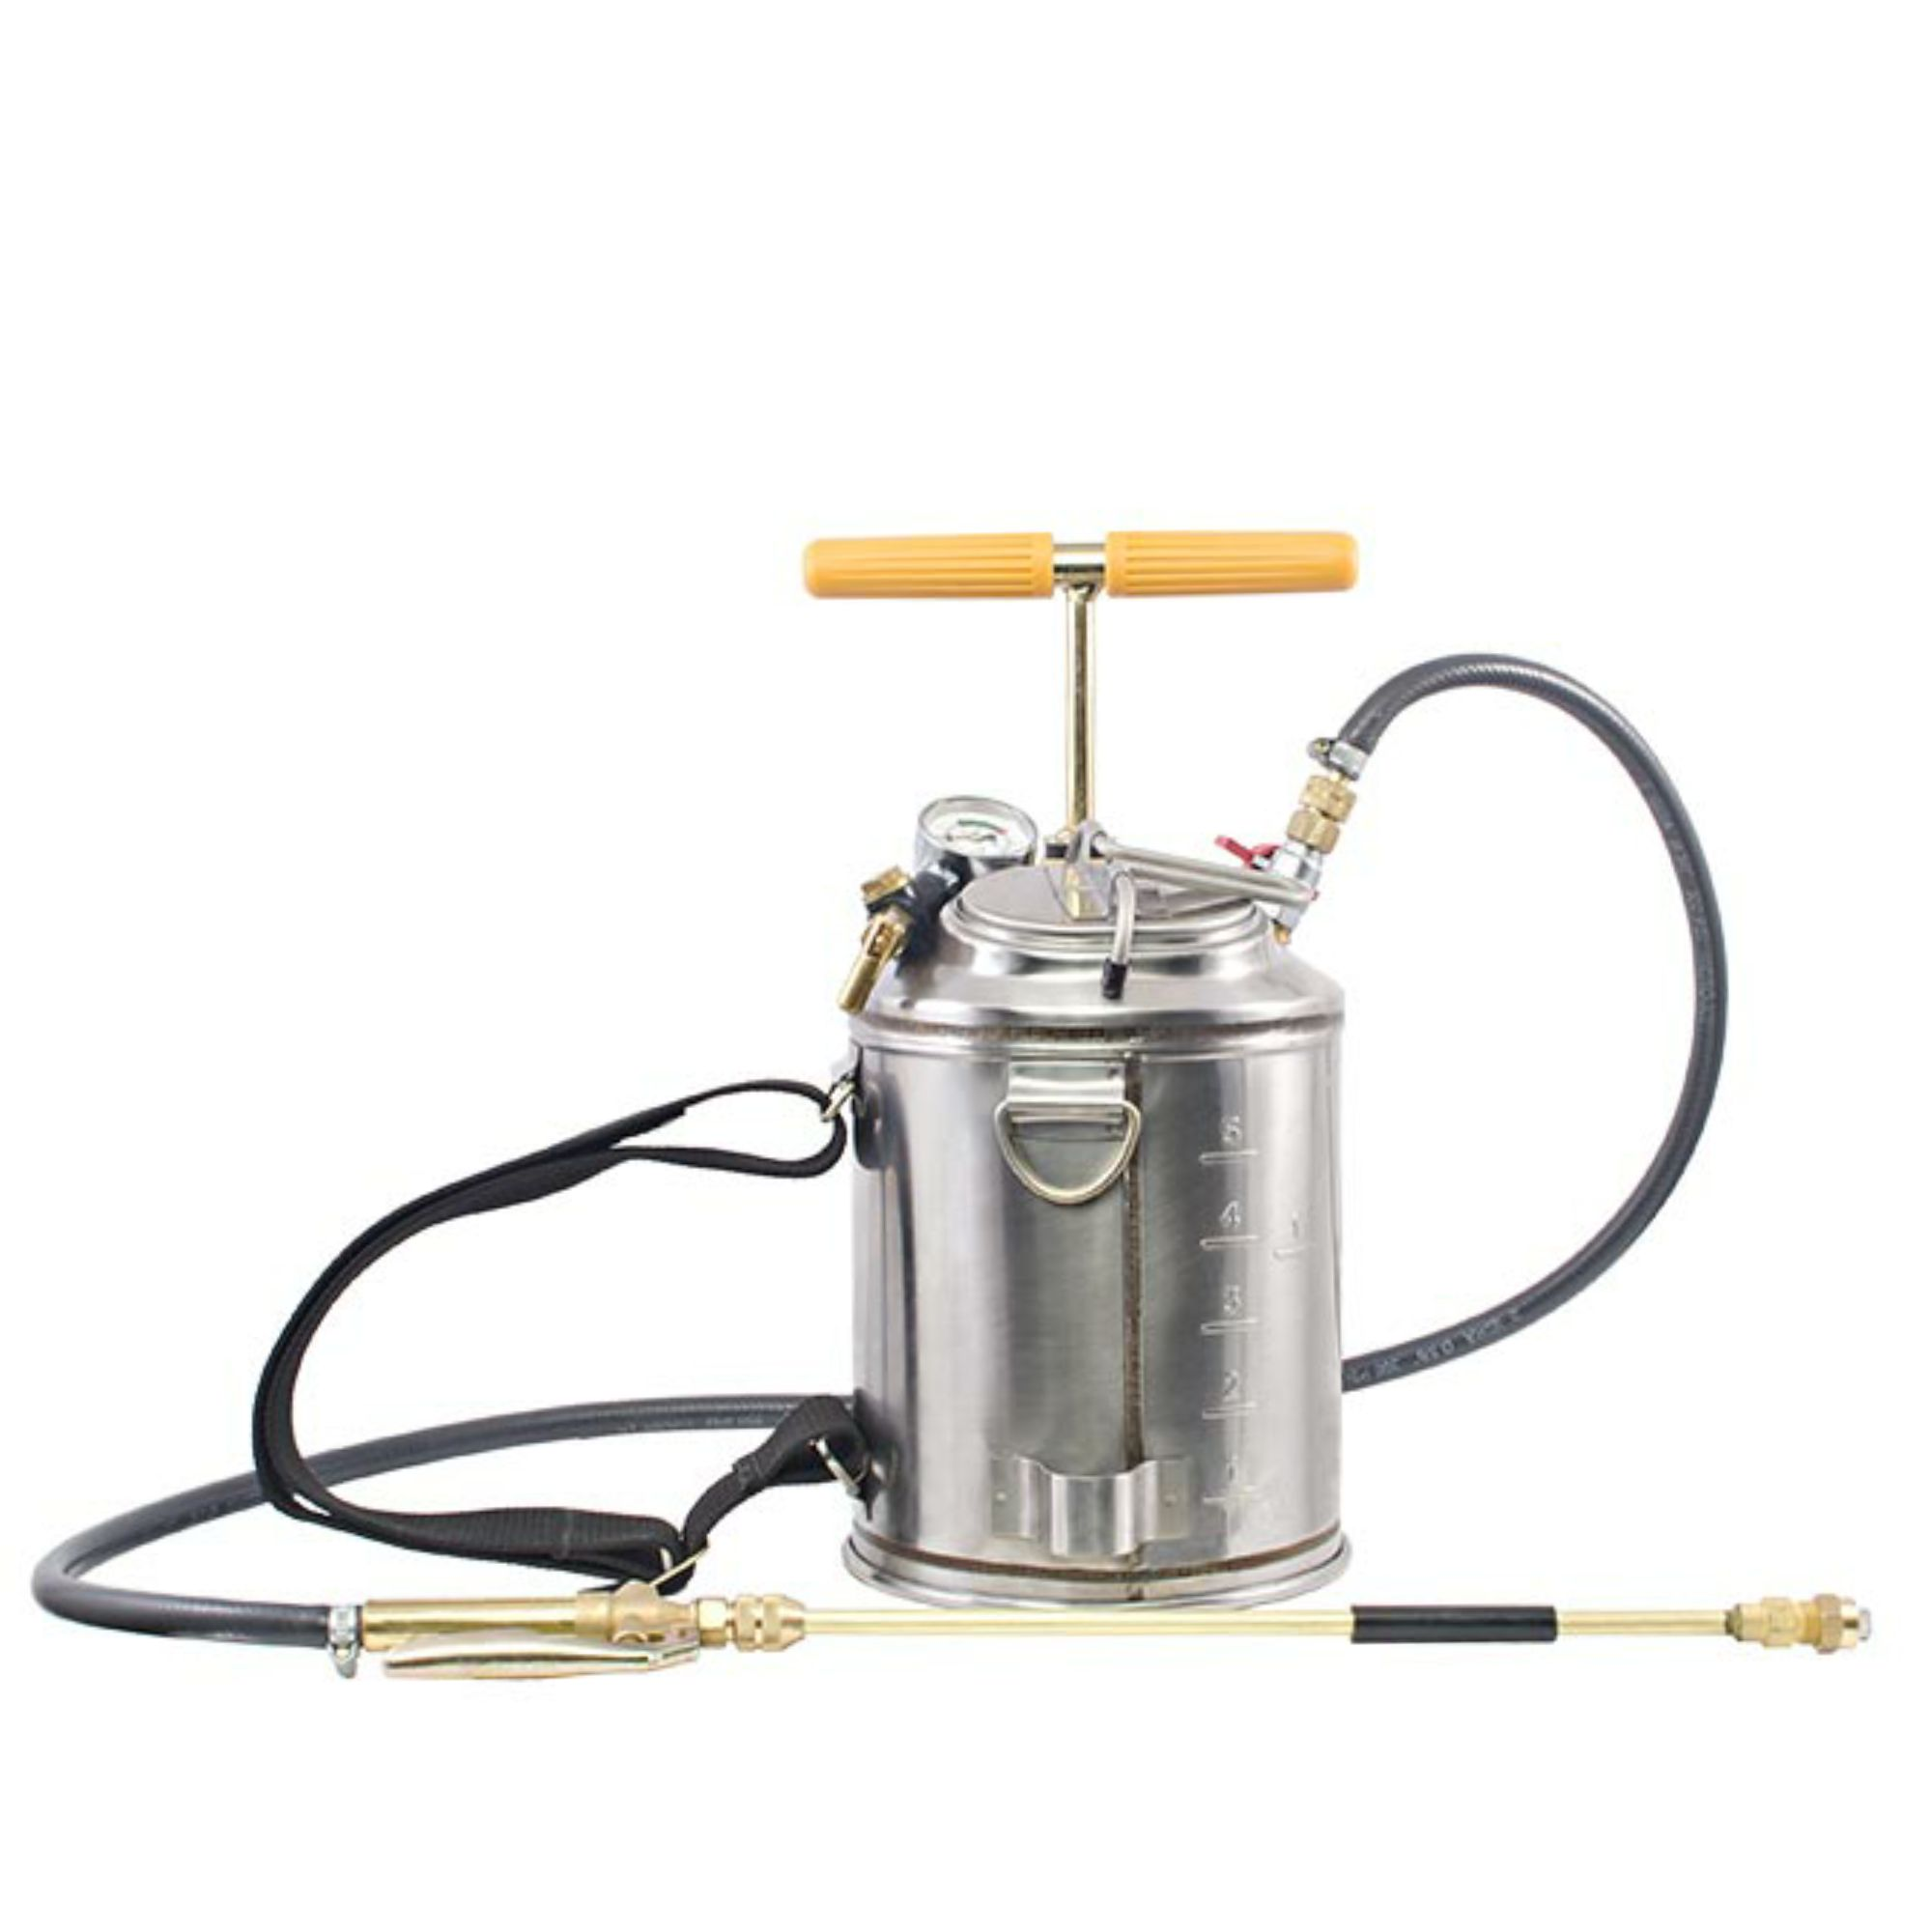 Pulverizador Costal de compressão prévia Inox Super 2S- 7,6l - Guarany